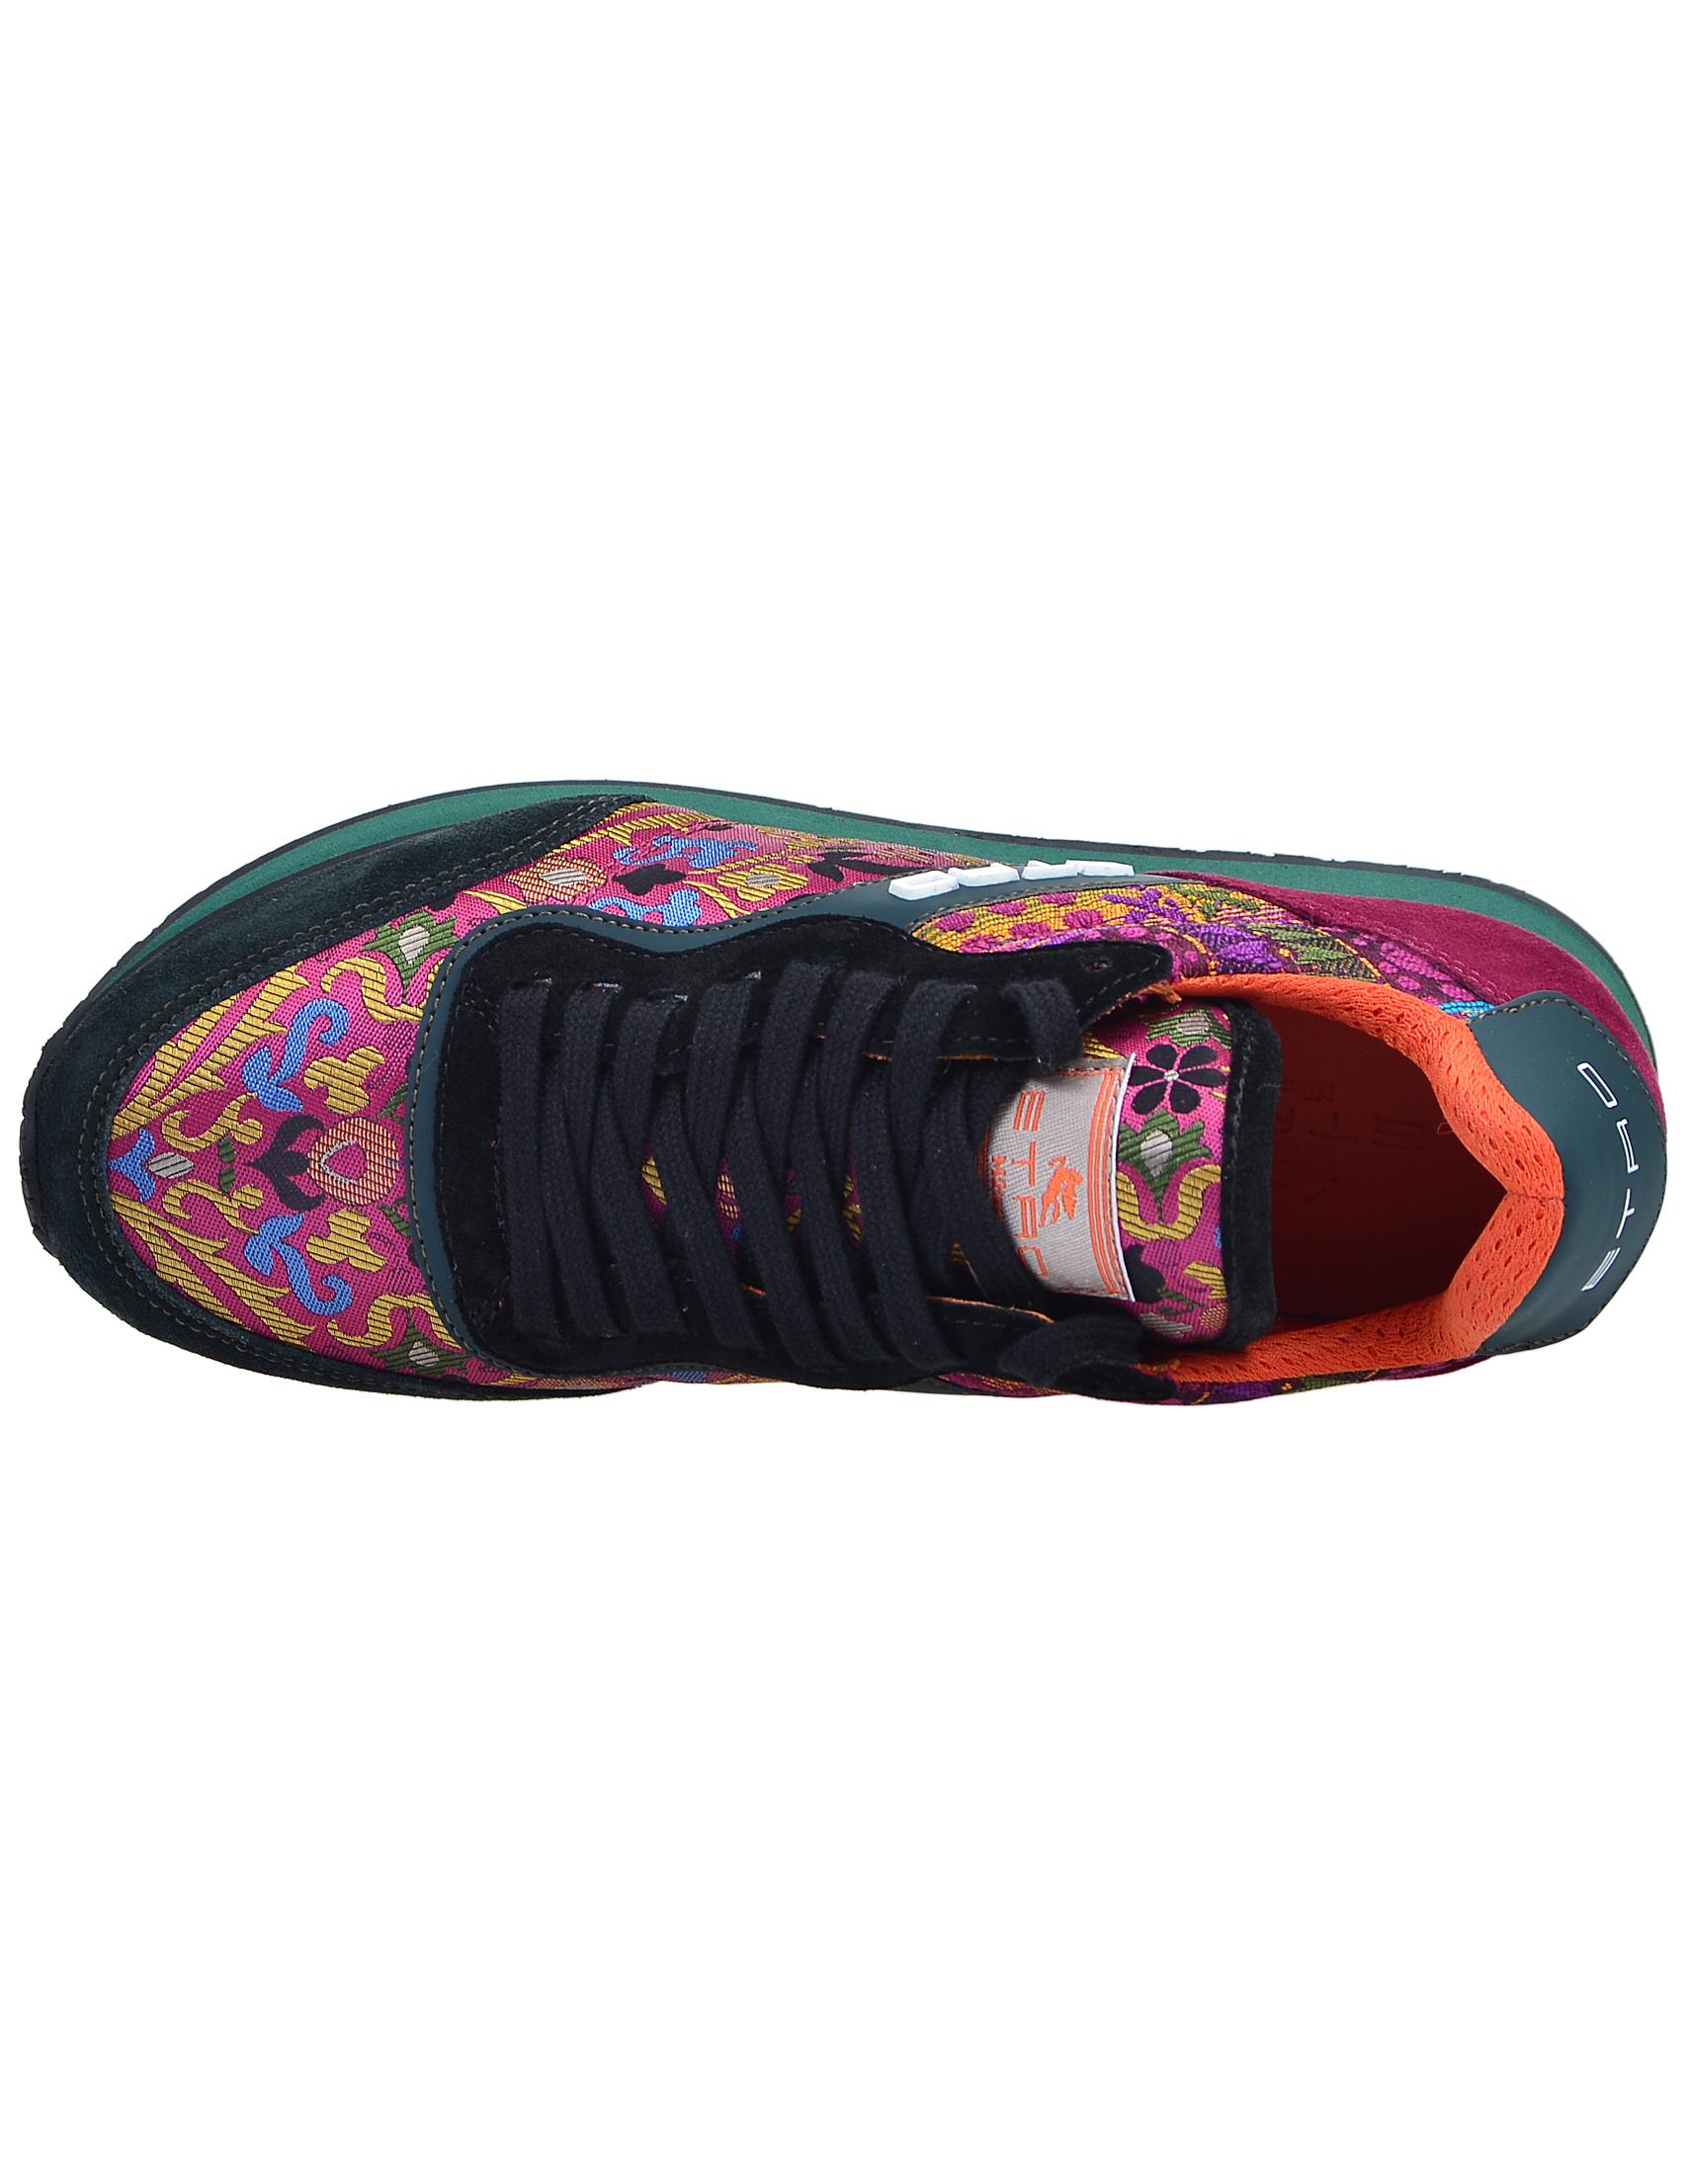 Фото 7 - женские кроссовки  цвет многоцветный